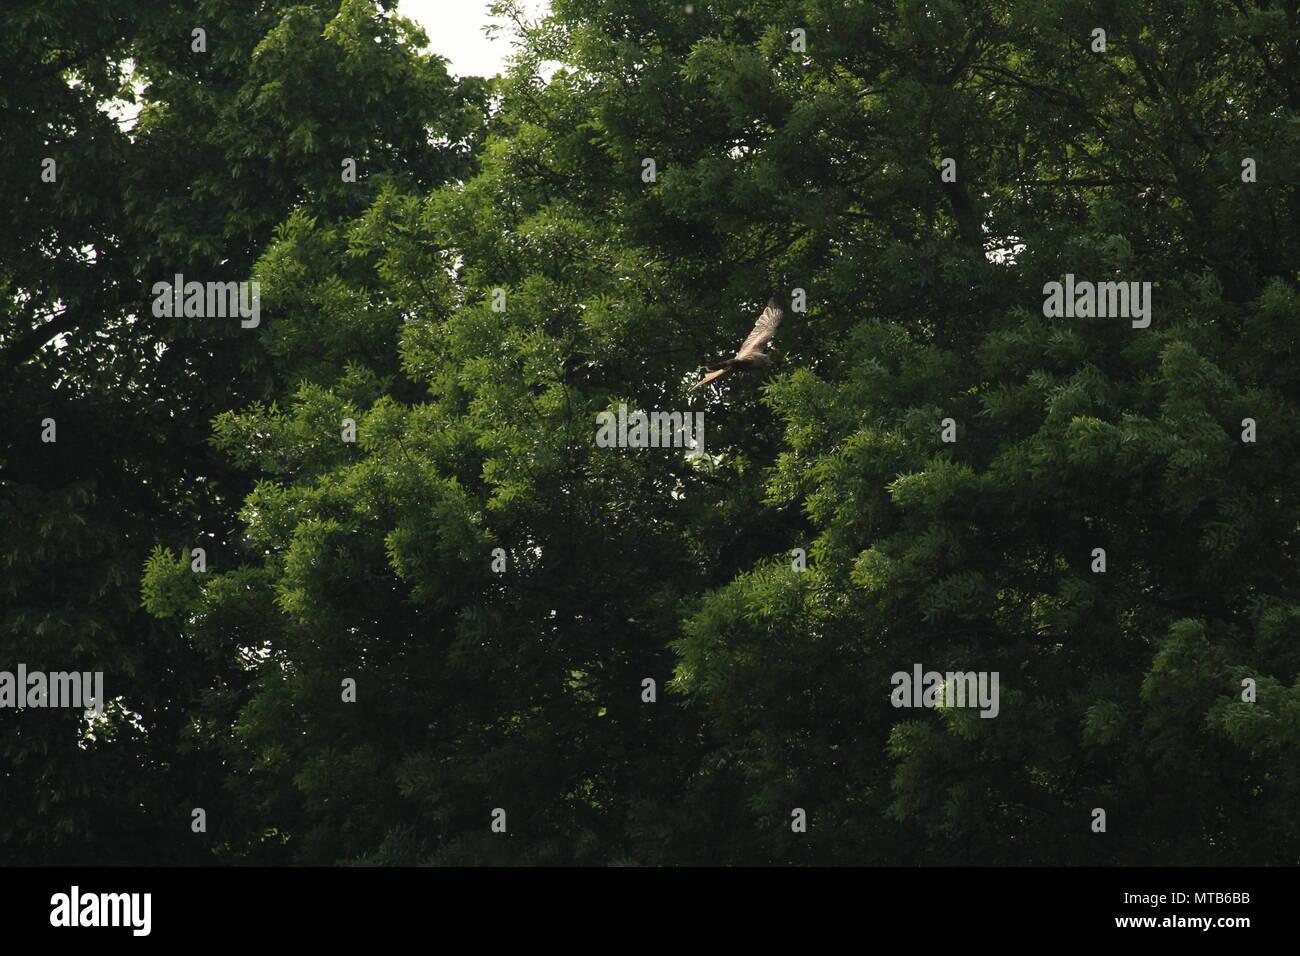 Un singolo aquilone rosso, Milvus milvus vola al di sopra di un campo con alberi in background. Spazio per la copia. Foto Stock